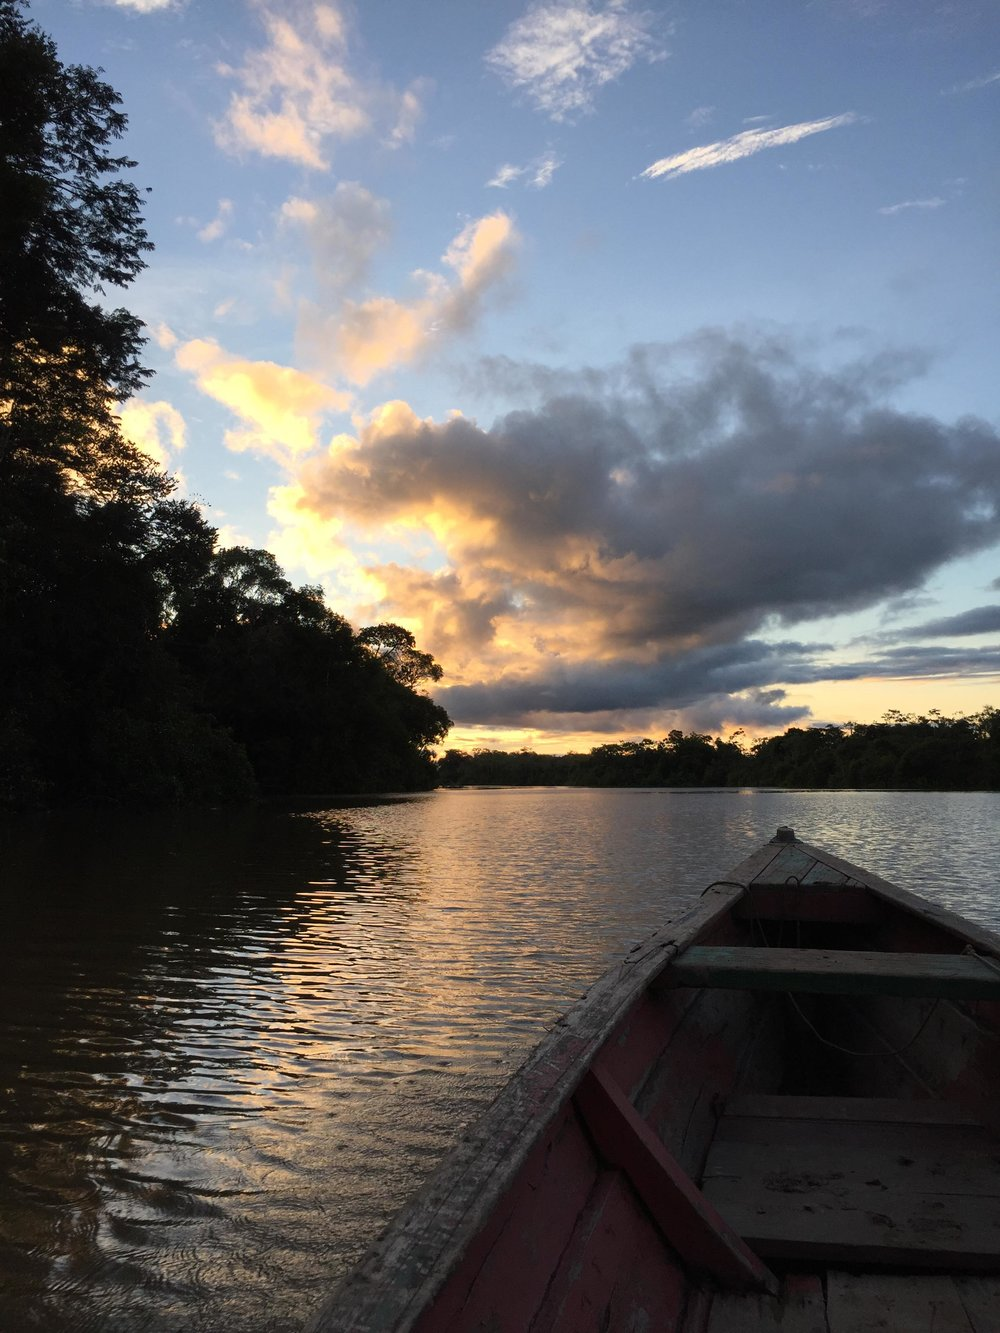 Coucher de soleil sur la pirogue, Foret Amazonienne.